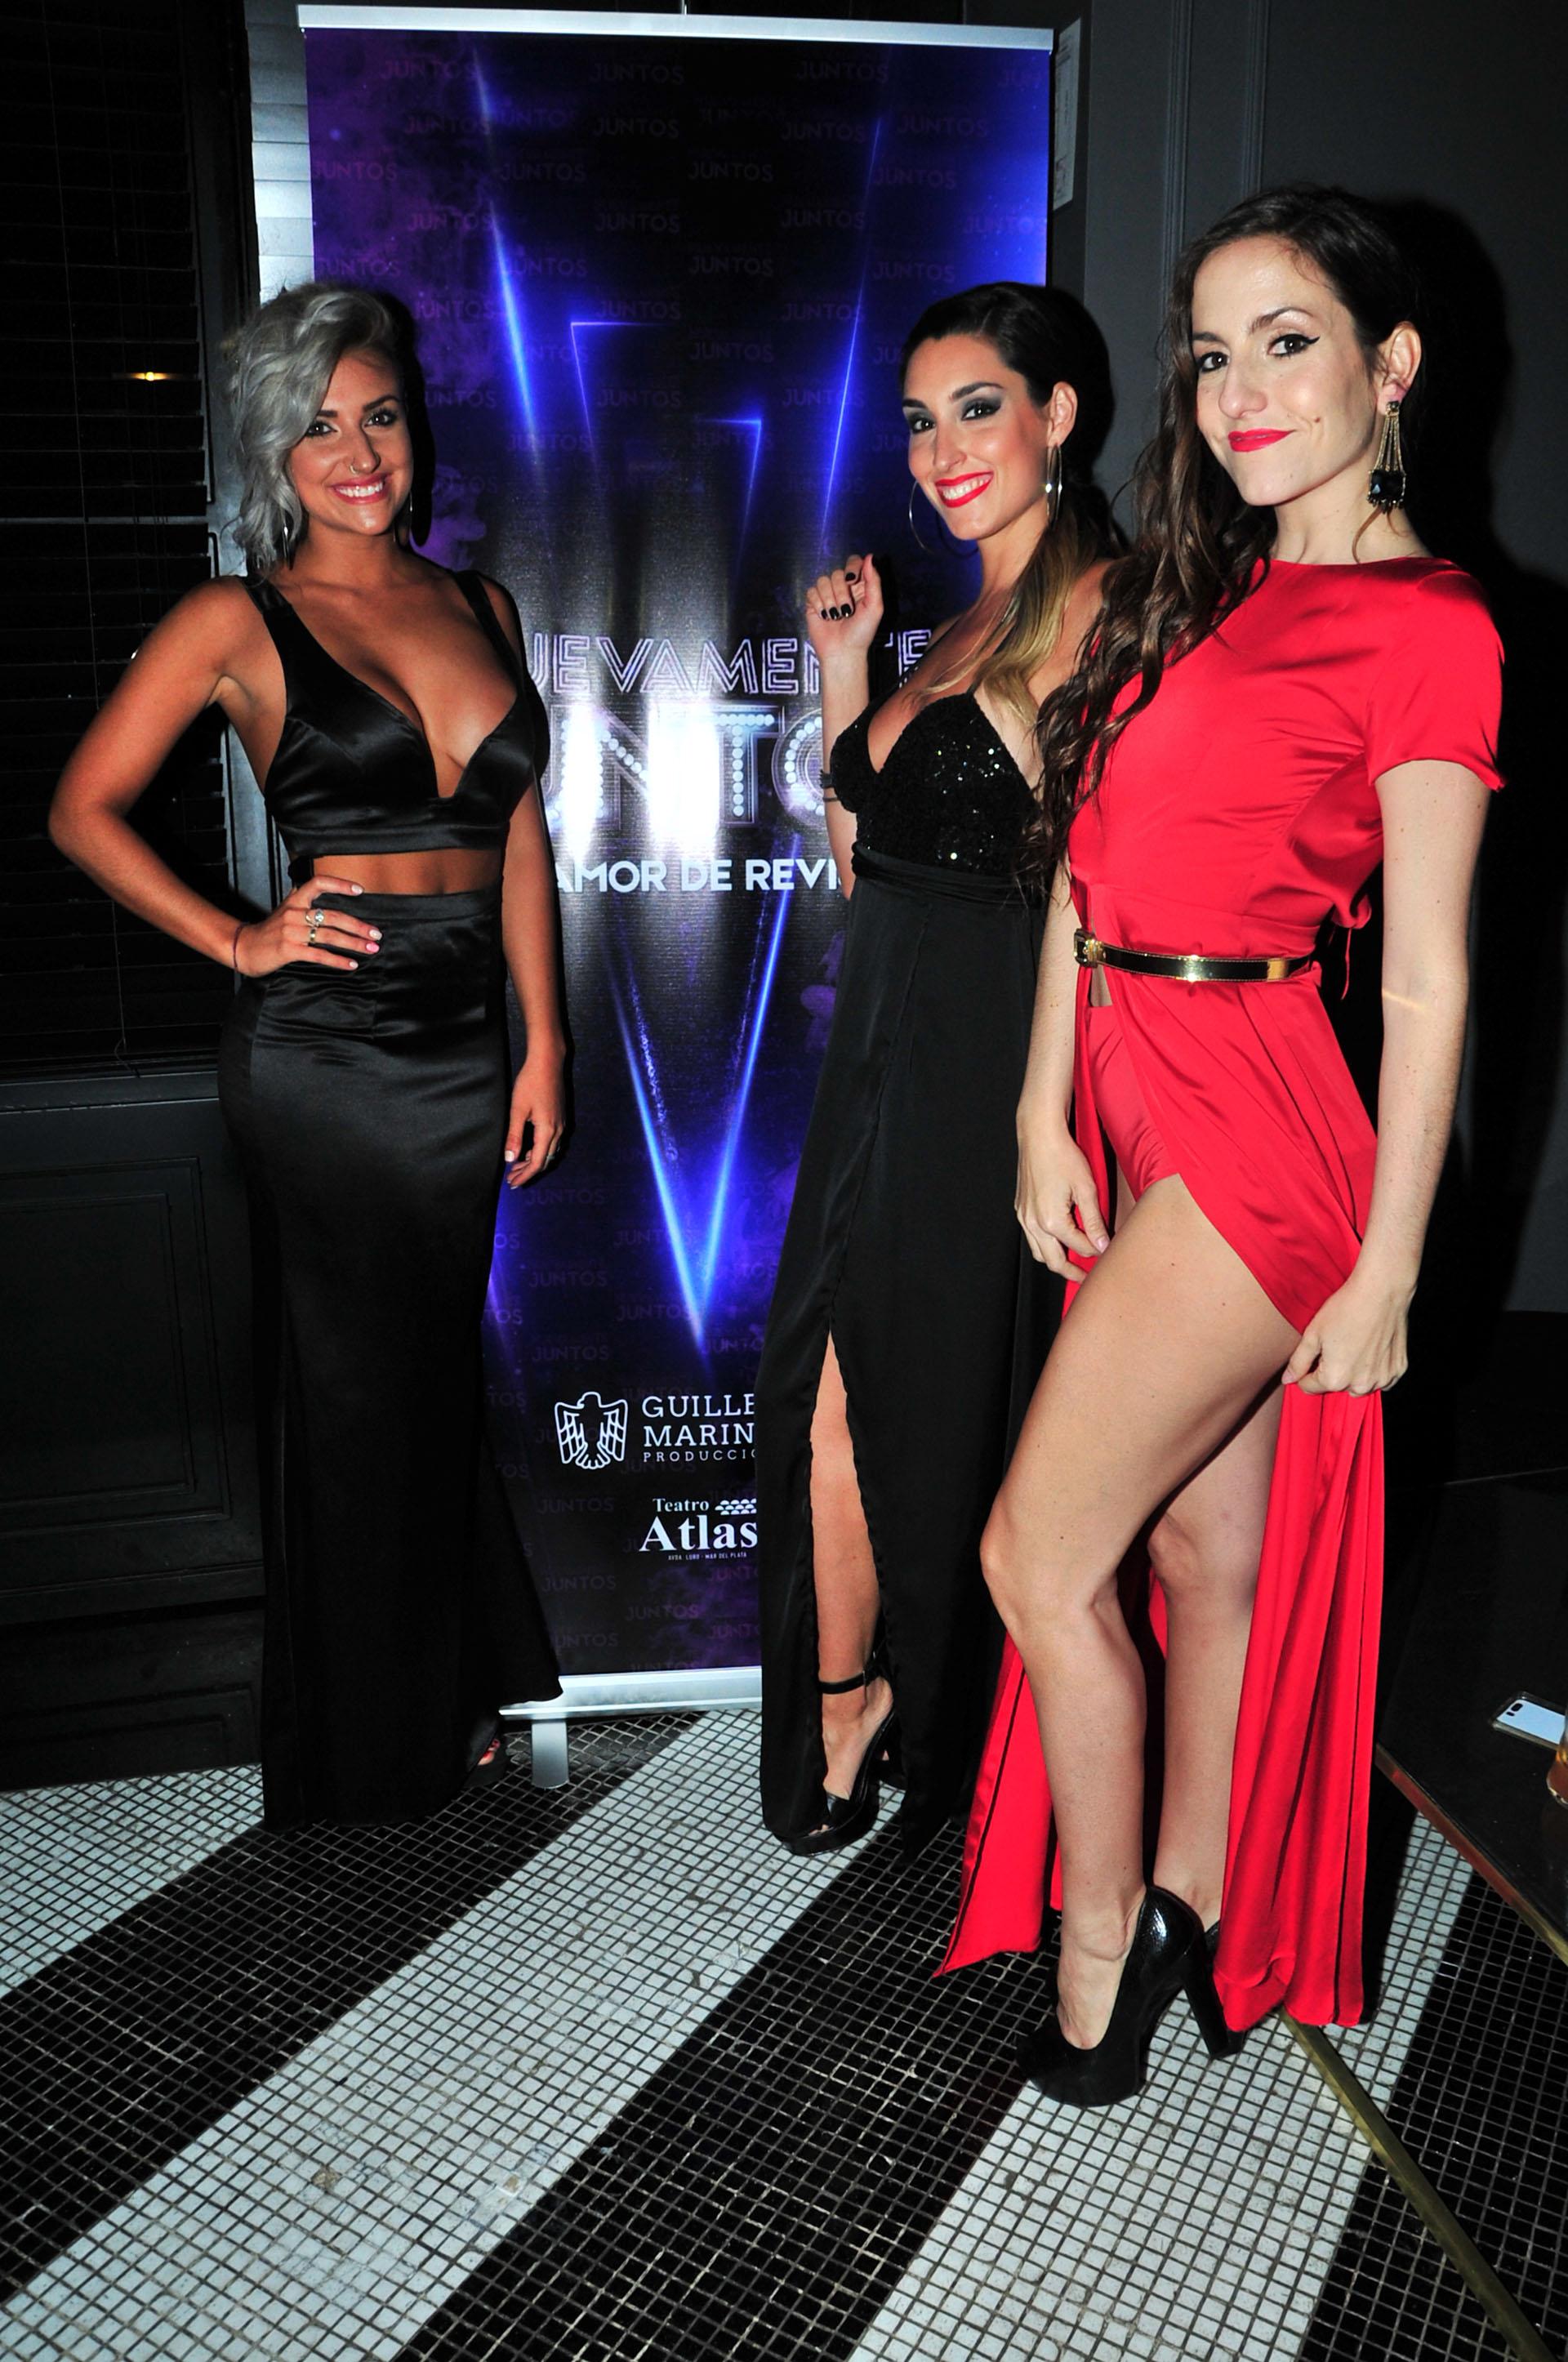 Las bailarinas de la nueva revista de Guillermo Marín Producciones